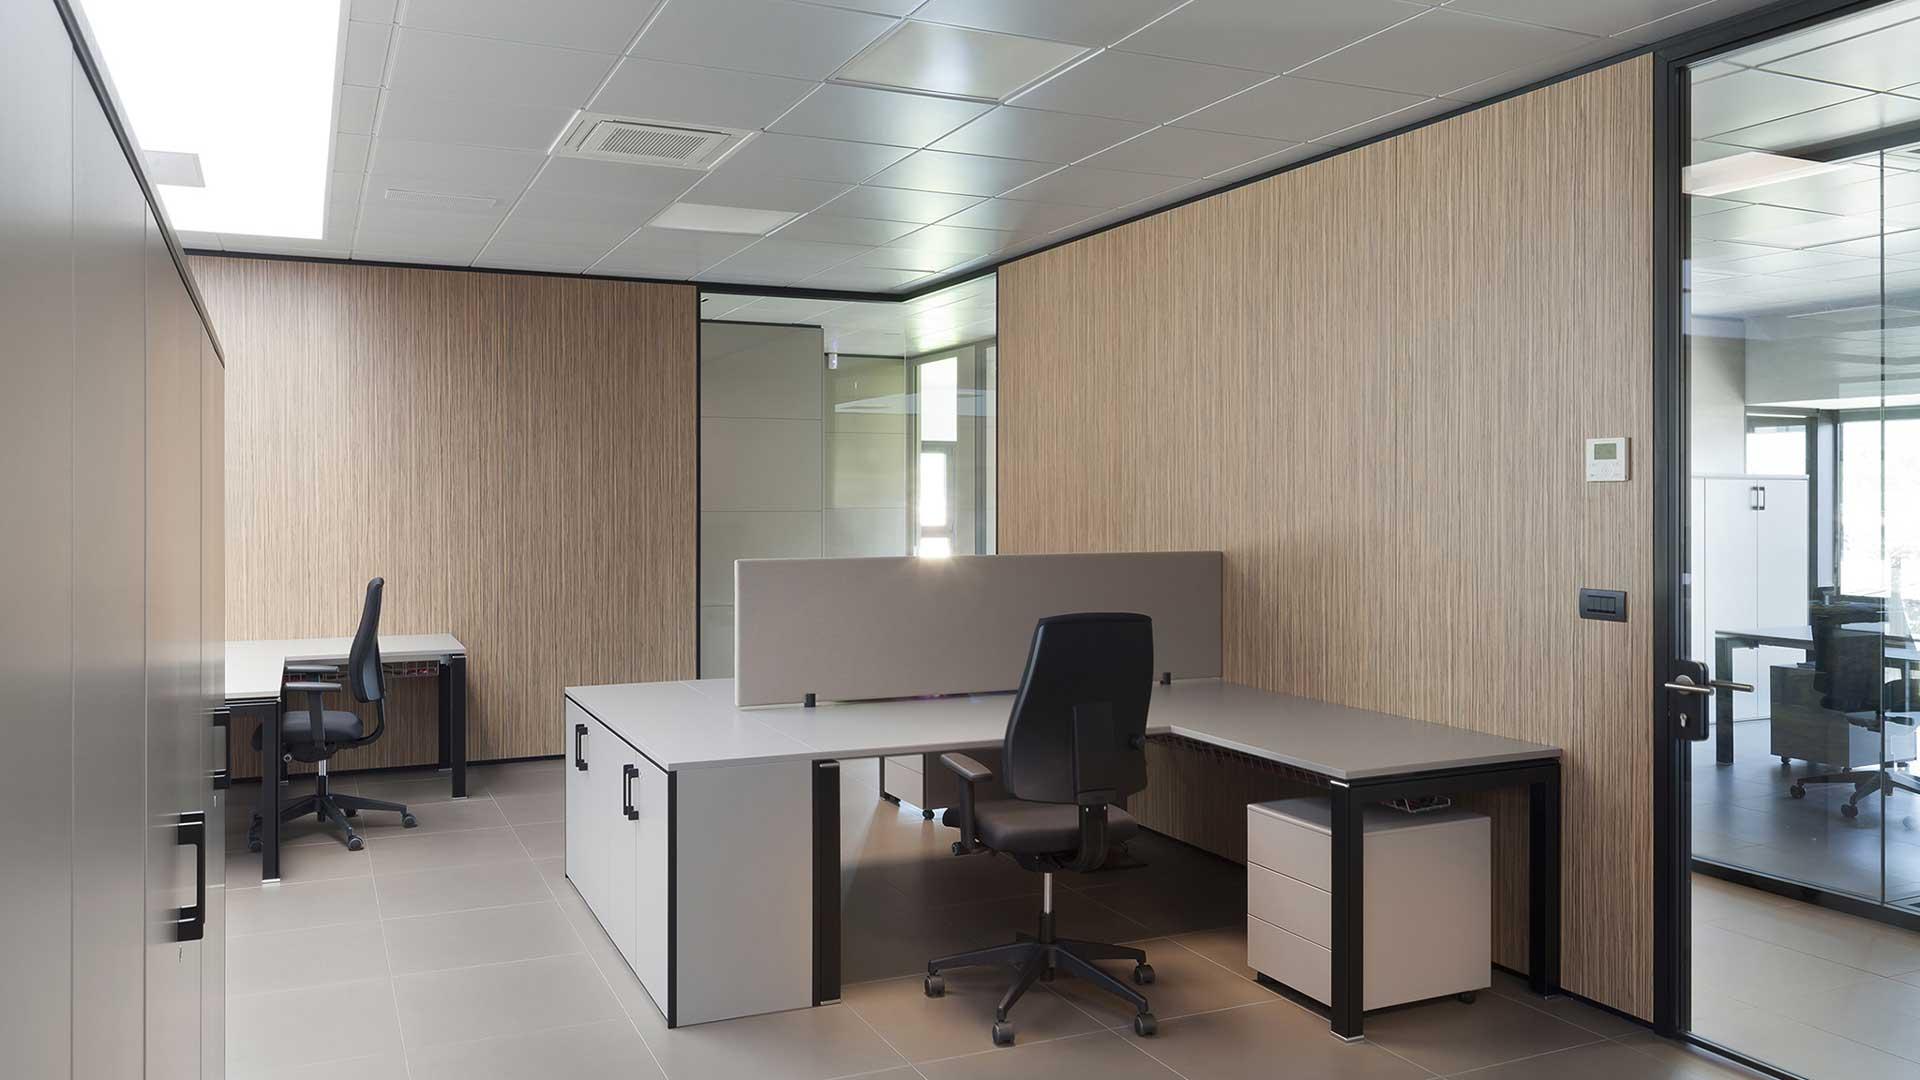 Materiali-per-l'ufficio-Feltro-controsoffitti-divisori-scrivania-Level-Office-Landscape